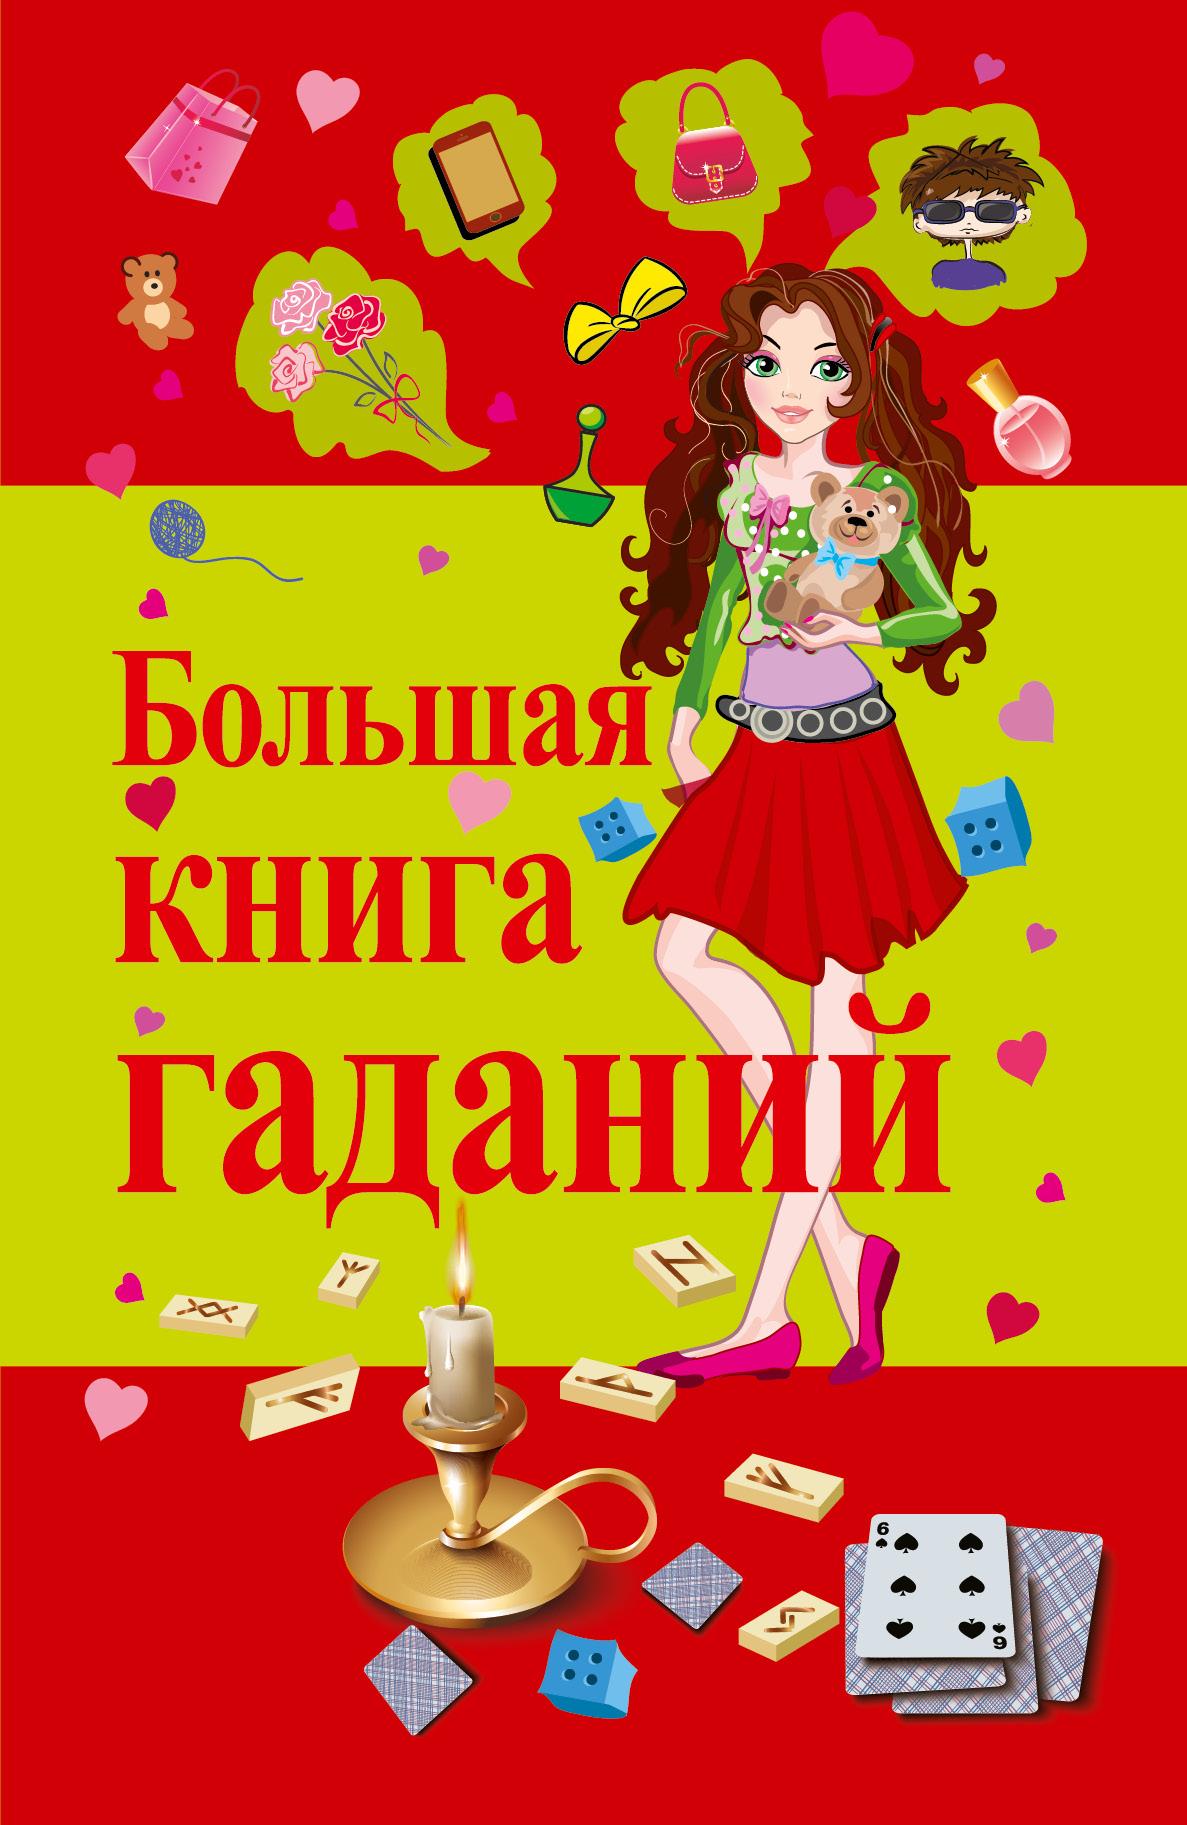 Большая книга гаданий ( .  )